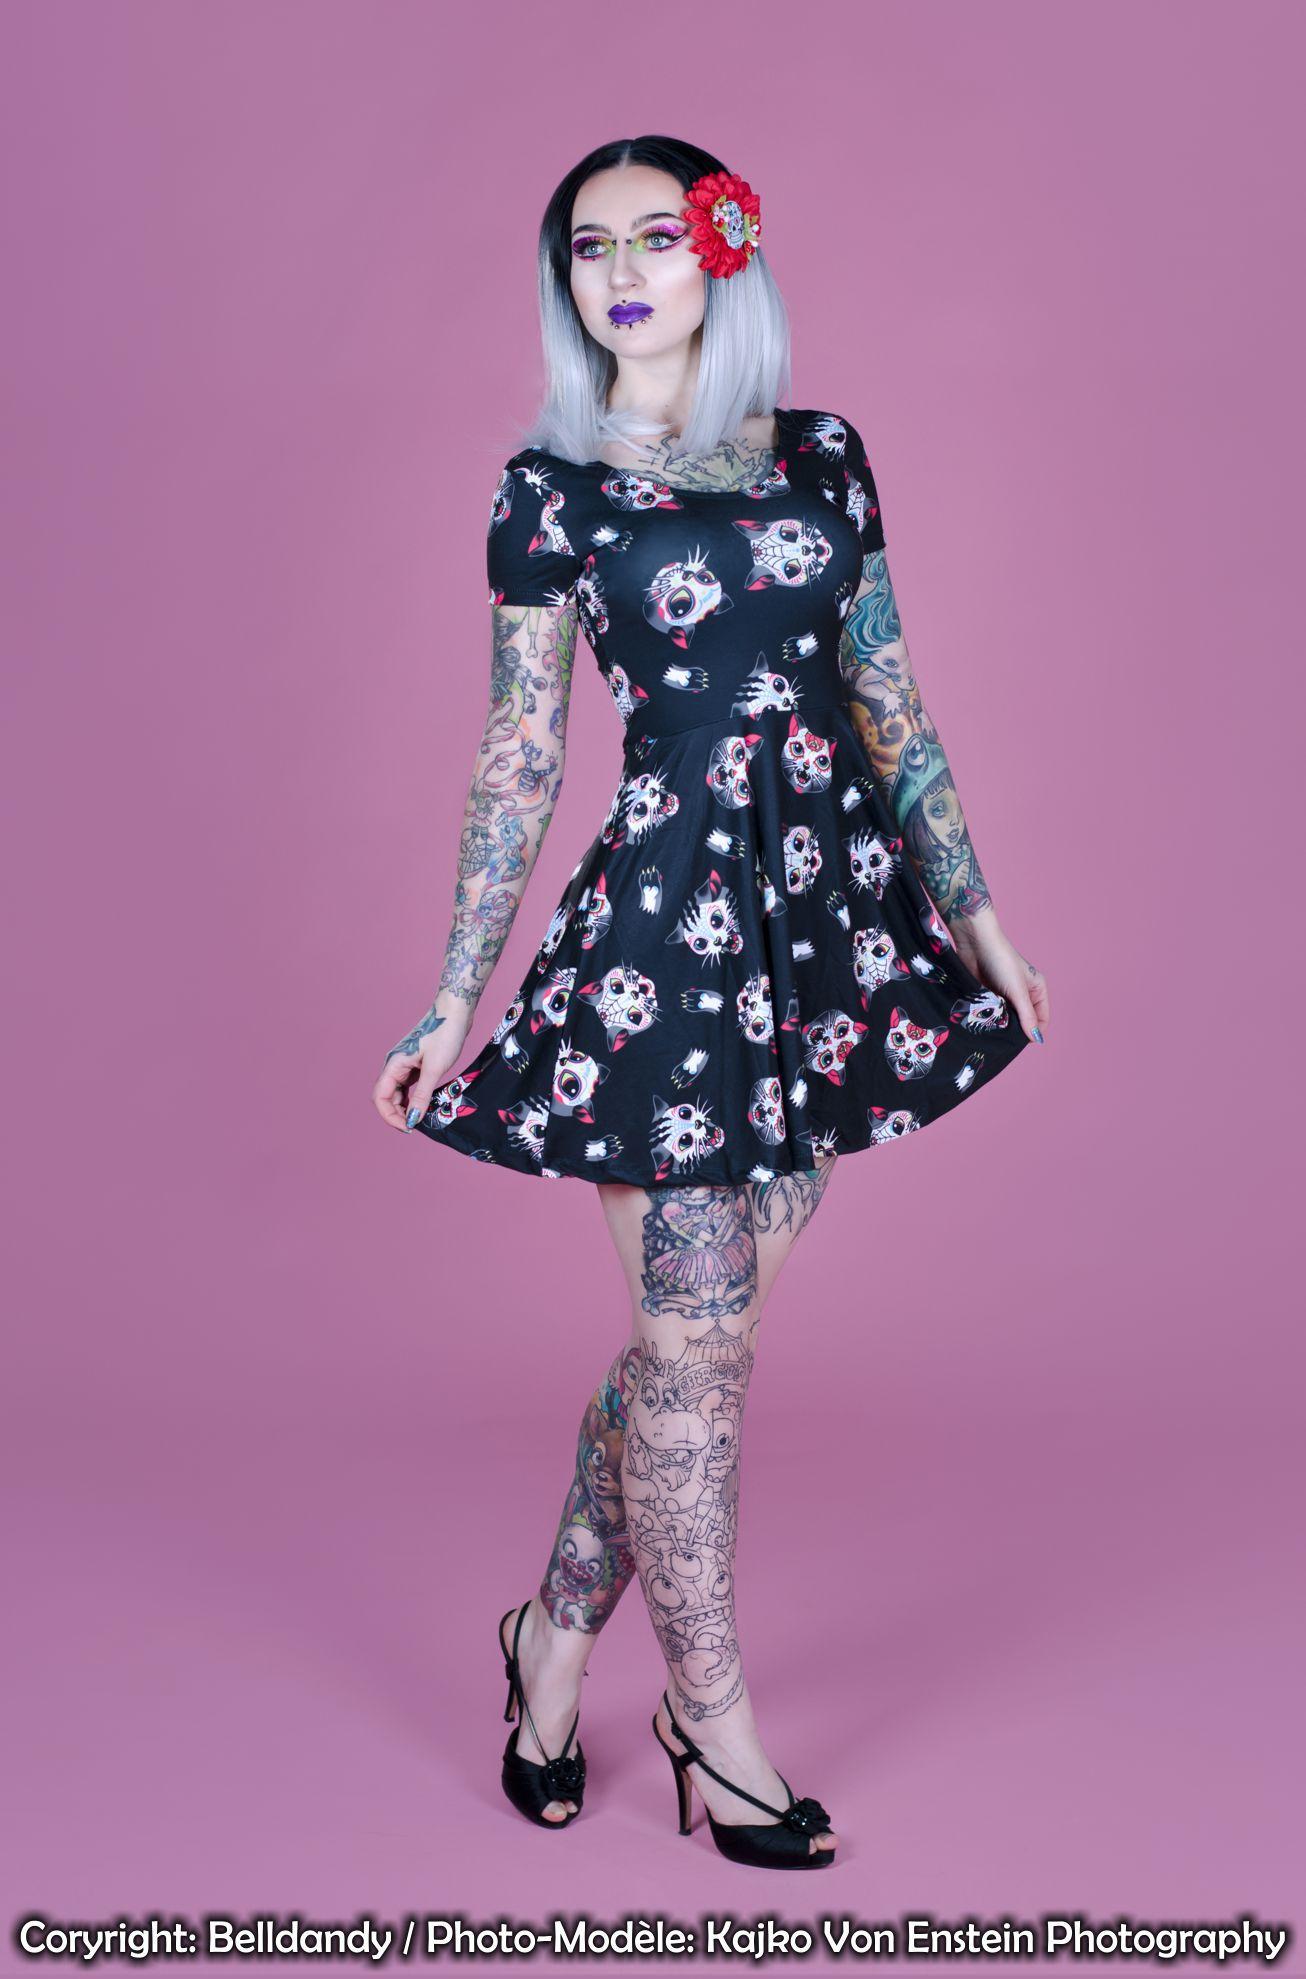 lidr067b_mini-robe-gothique-rockabilly-gothabilly-sugar-kitty-chat